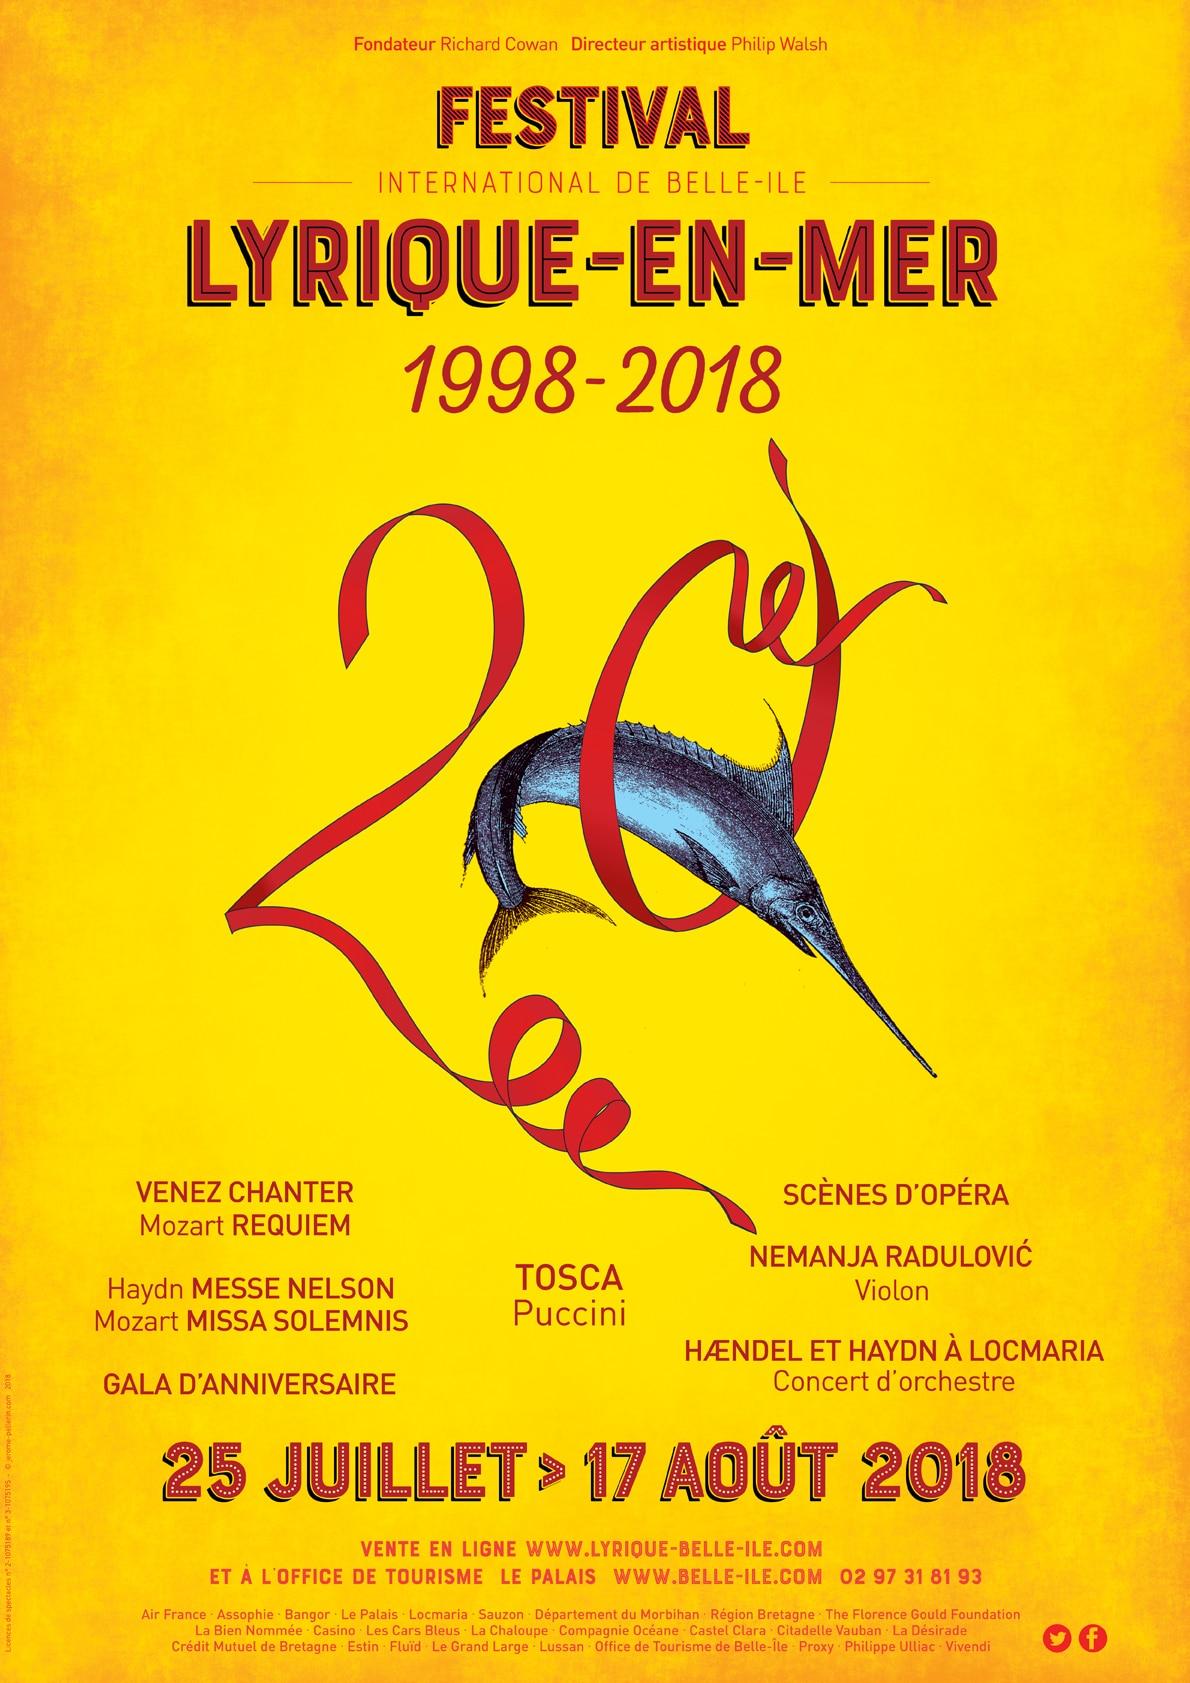 20e édition du Festival Lyrique à Belle Ile en mer